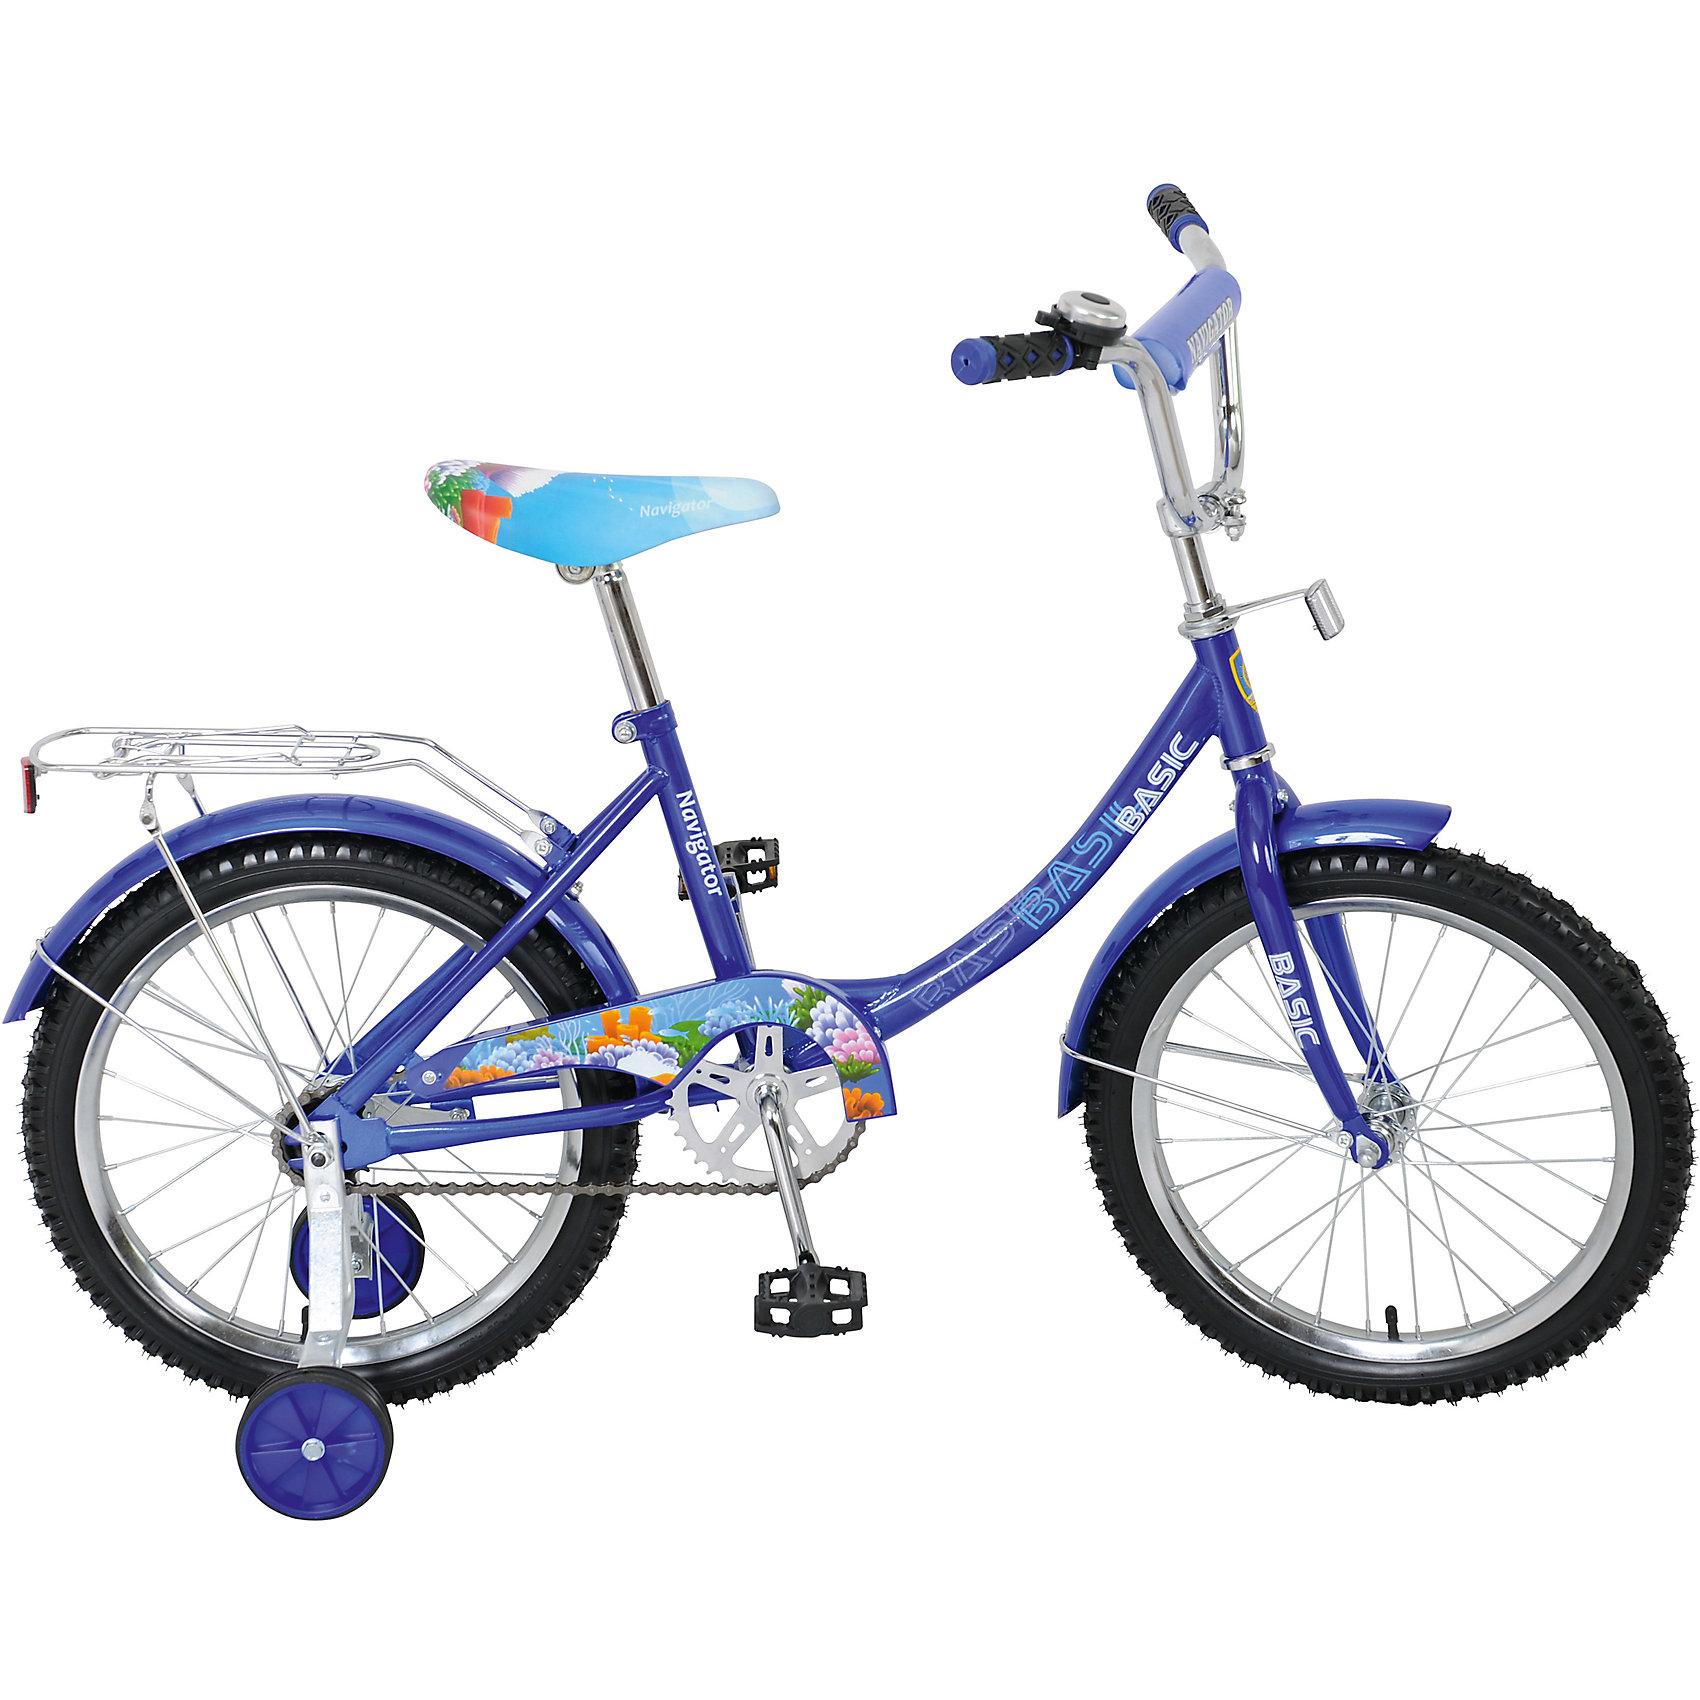 Велосипед Basic, синий, NavigatorВелосипеды детские<br>Велосипед Basic, синий, Navigator (Навигатор) – это яркий, стильный, надежный велосипед высокого качества.<br>Детский велосипед Basic, обладает яркой расцветкой и стильными формами. Продуманная конструкция сводит к минимуму риск получить травму. Рама велосипеда выполнена из высокопрочного металла. Покрытие рамы устойчиво к царапинам. Высота руля и сиденья легко регулируется в соответствии с возрастом и ростом ребенка. Колеса оснащены резиновыми шинами, которые хорошо удерживают воздух. Велосипед имеет дополнительные съемные страховочные колеса, защиту цепи, стальные обода для защиты от брызг, удобное сиденье эргономичной формы, звонок, задний багажник. Впереди и под багажником прикреплены светоотражатели. На ручках руля нескользящие накладки. Катание на велосипеде поможет ребенку укрепить опорно-двигательную и сердечнососудистую системы.<br><br>Дополнительная информация:<br><br>- Возрастная категория: от 4 до 7 лет<br>- Диаметр колёс: 18 дюймов<br>- Односоставной шатун<br>- Ножной тормоз<br>- Рама: 12B-тип<br>- Материал рамы: сталь<br>- Цвет: синий<br>- Вес в упаковке: 11,7 кг.<br><br>Велосипед Basic, синий, Navigator (Навигатор) можно купить в нашем интернет-магазине.<br><br>Ширина мм: 970<br>Глубина мм: 165<br>Высота мм: 470<br>Вес г: 11700<br>Возраст от месяцев: 72<br>Возраст до месяцев: 144<br>Пол: Унисекс<br>Возраст: Детский<br>SKU: 4655147